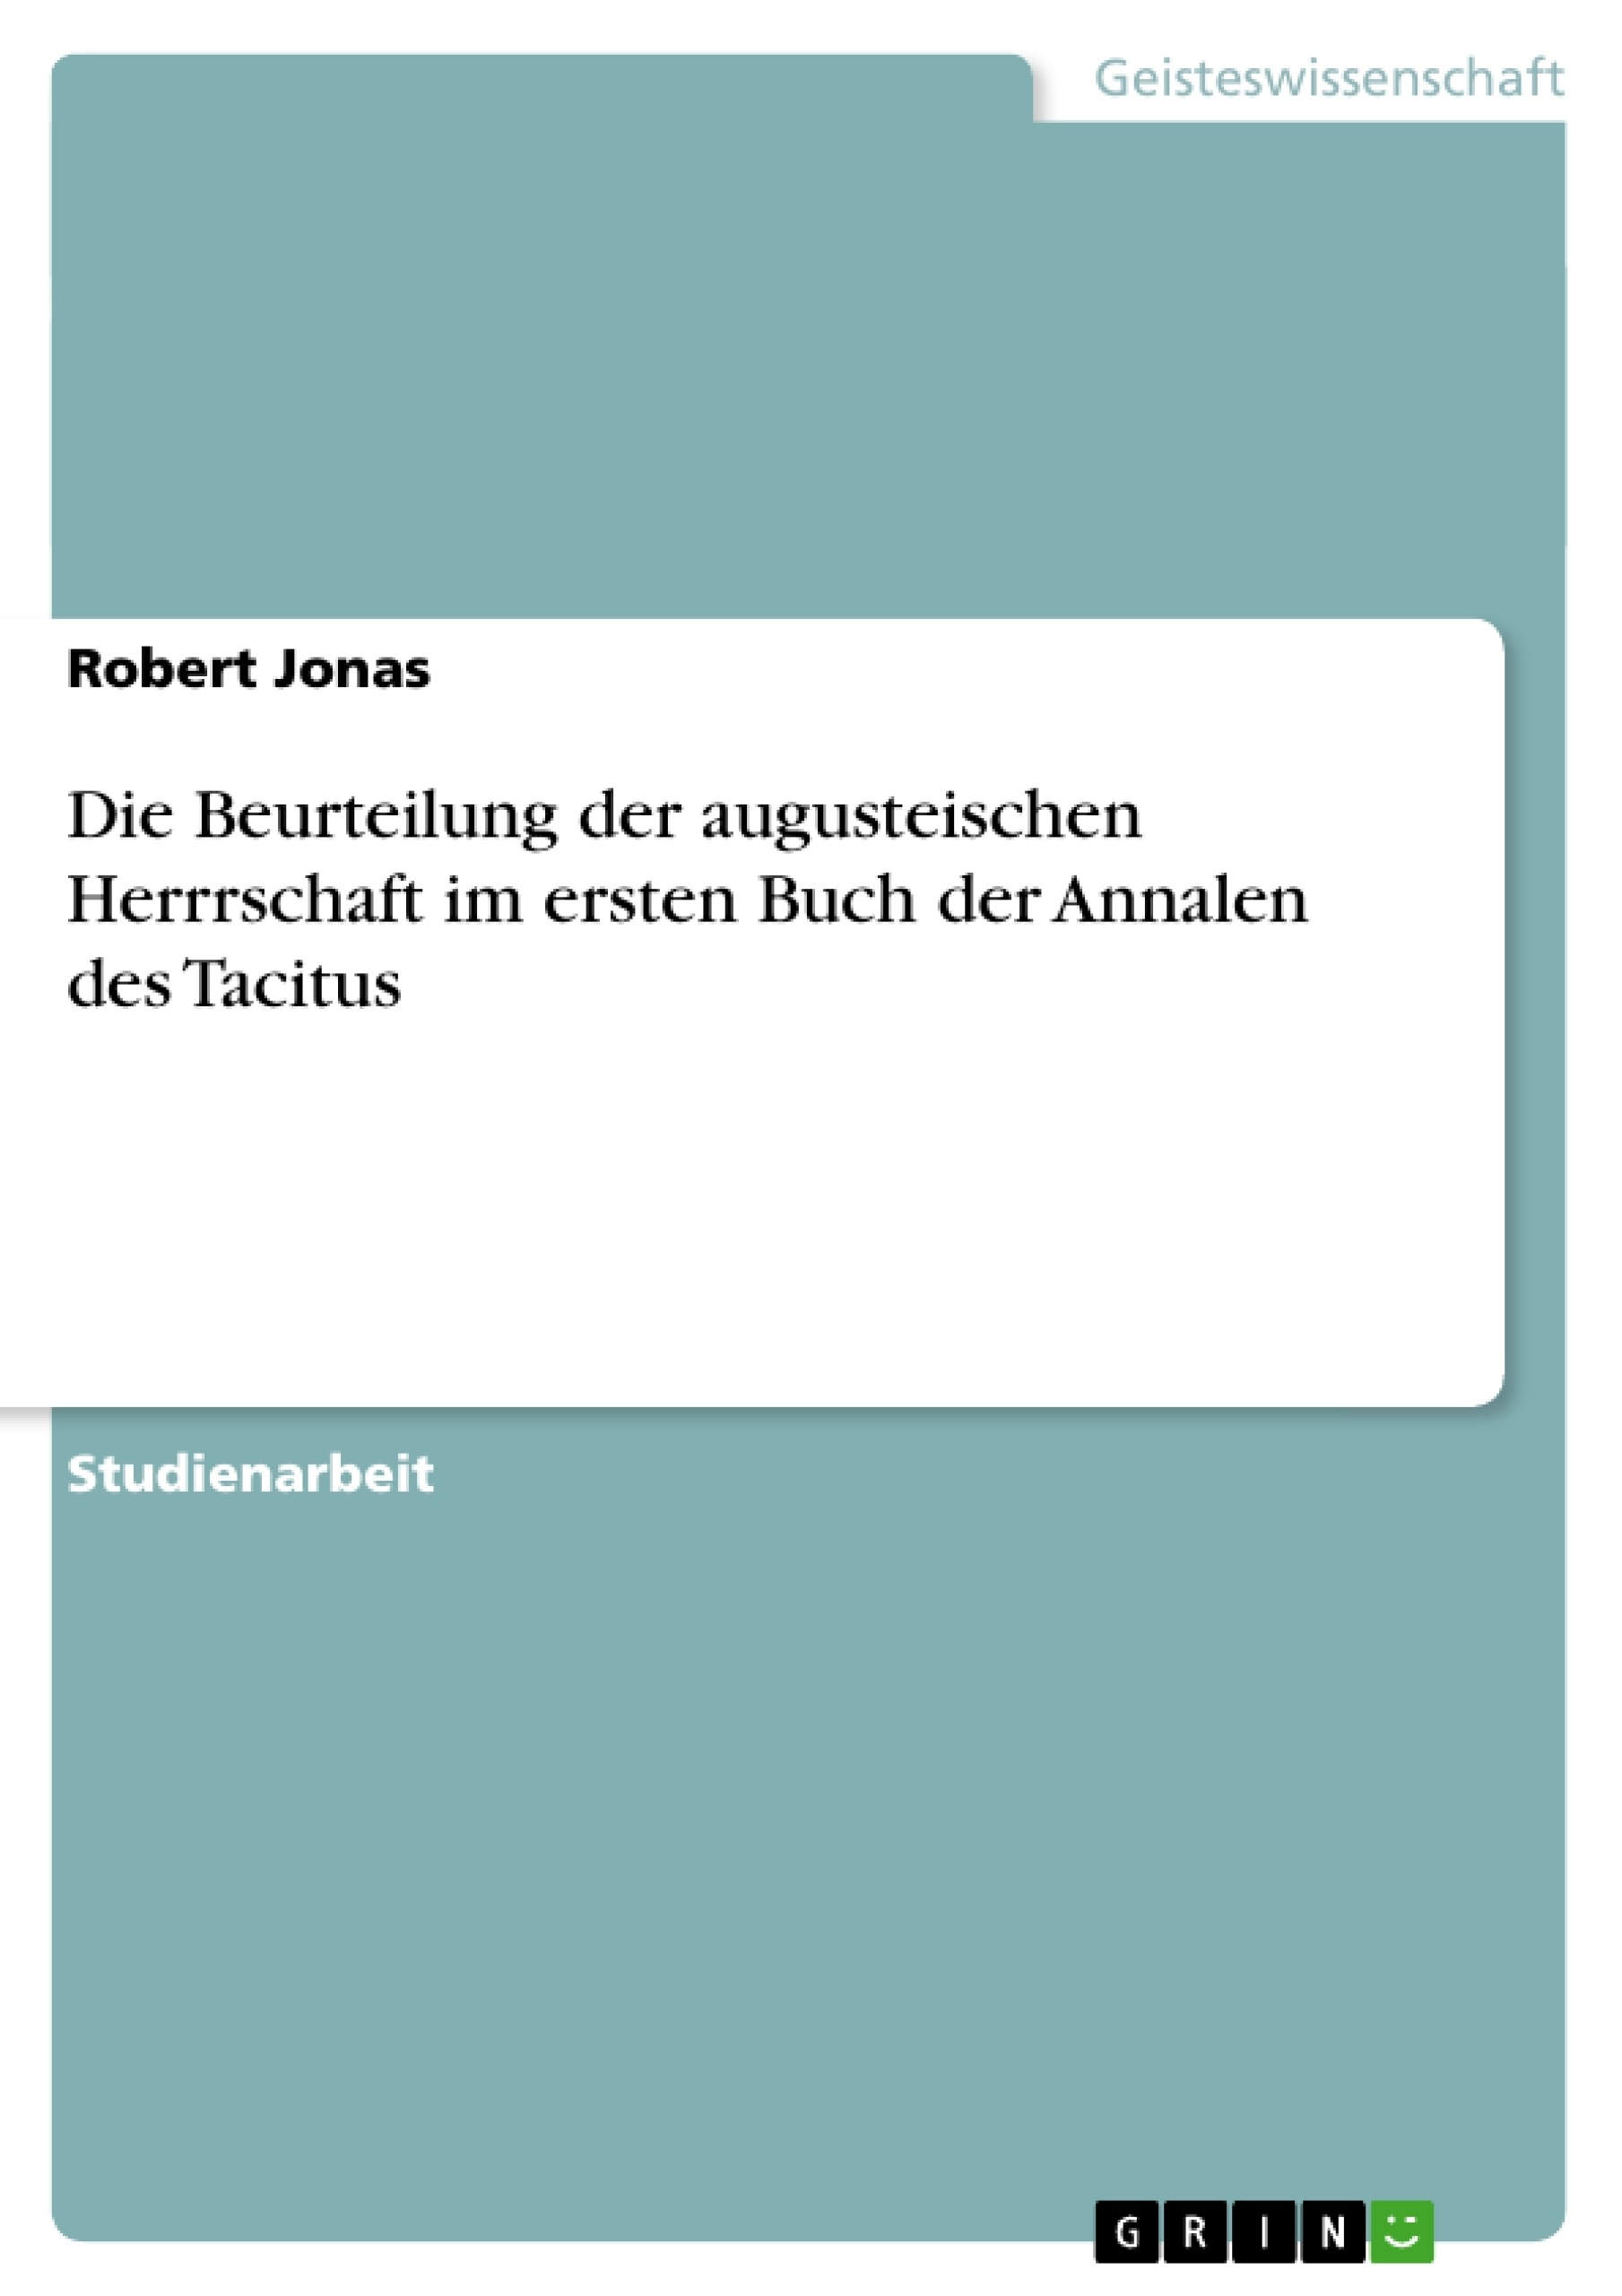 Titel: Die Beurteilung der augusteischen Herrrschaft im ersten Buch der Annalen des Tacitus